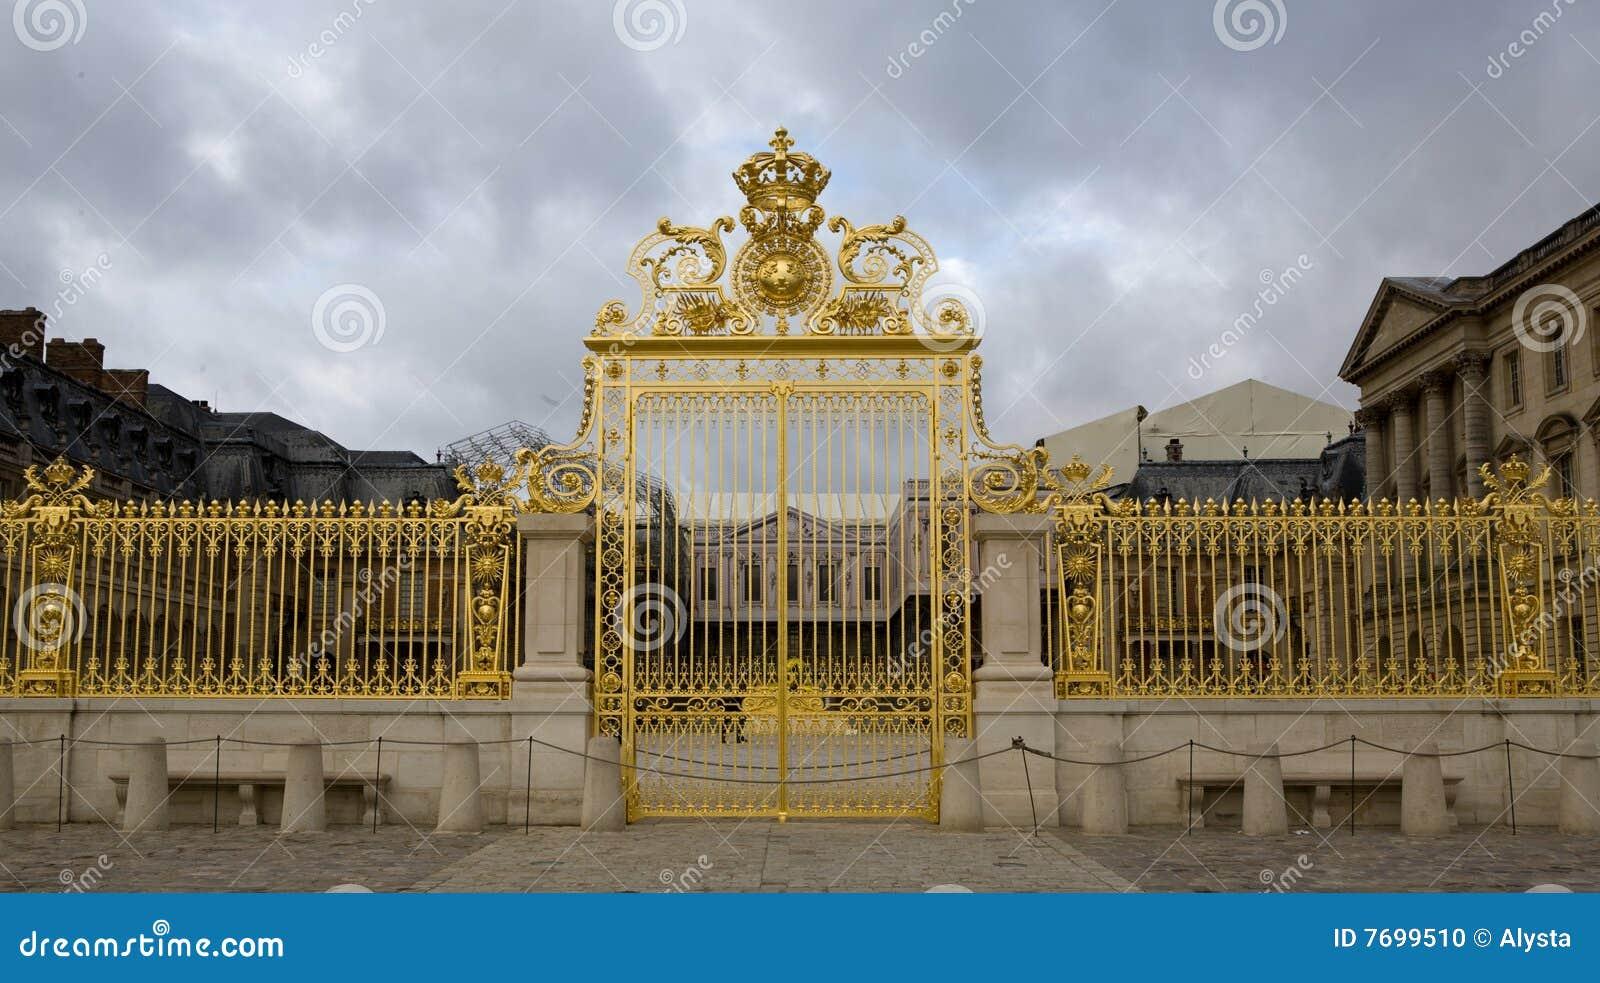 Palais de porte d 39 or de versailles france photo stock image du d coratif grille 7699510 - Palais des expositions porte de versailles ...